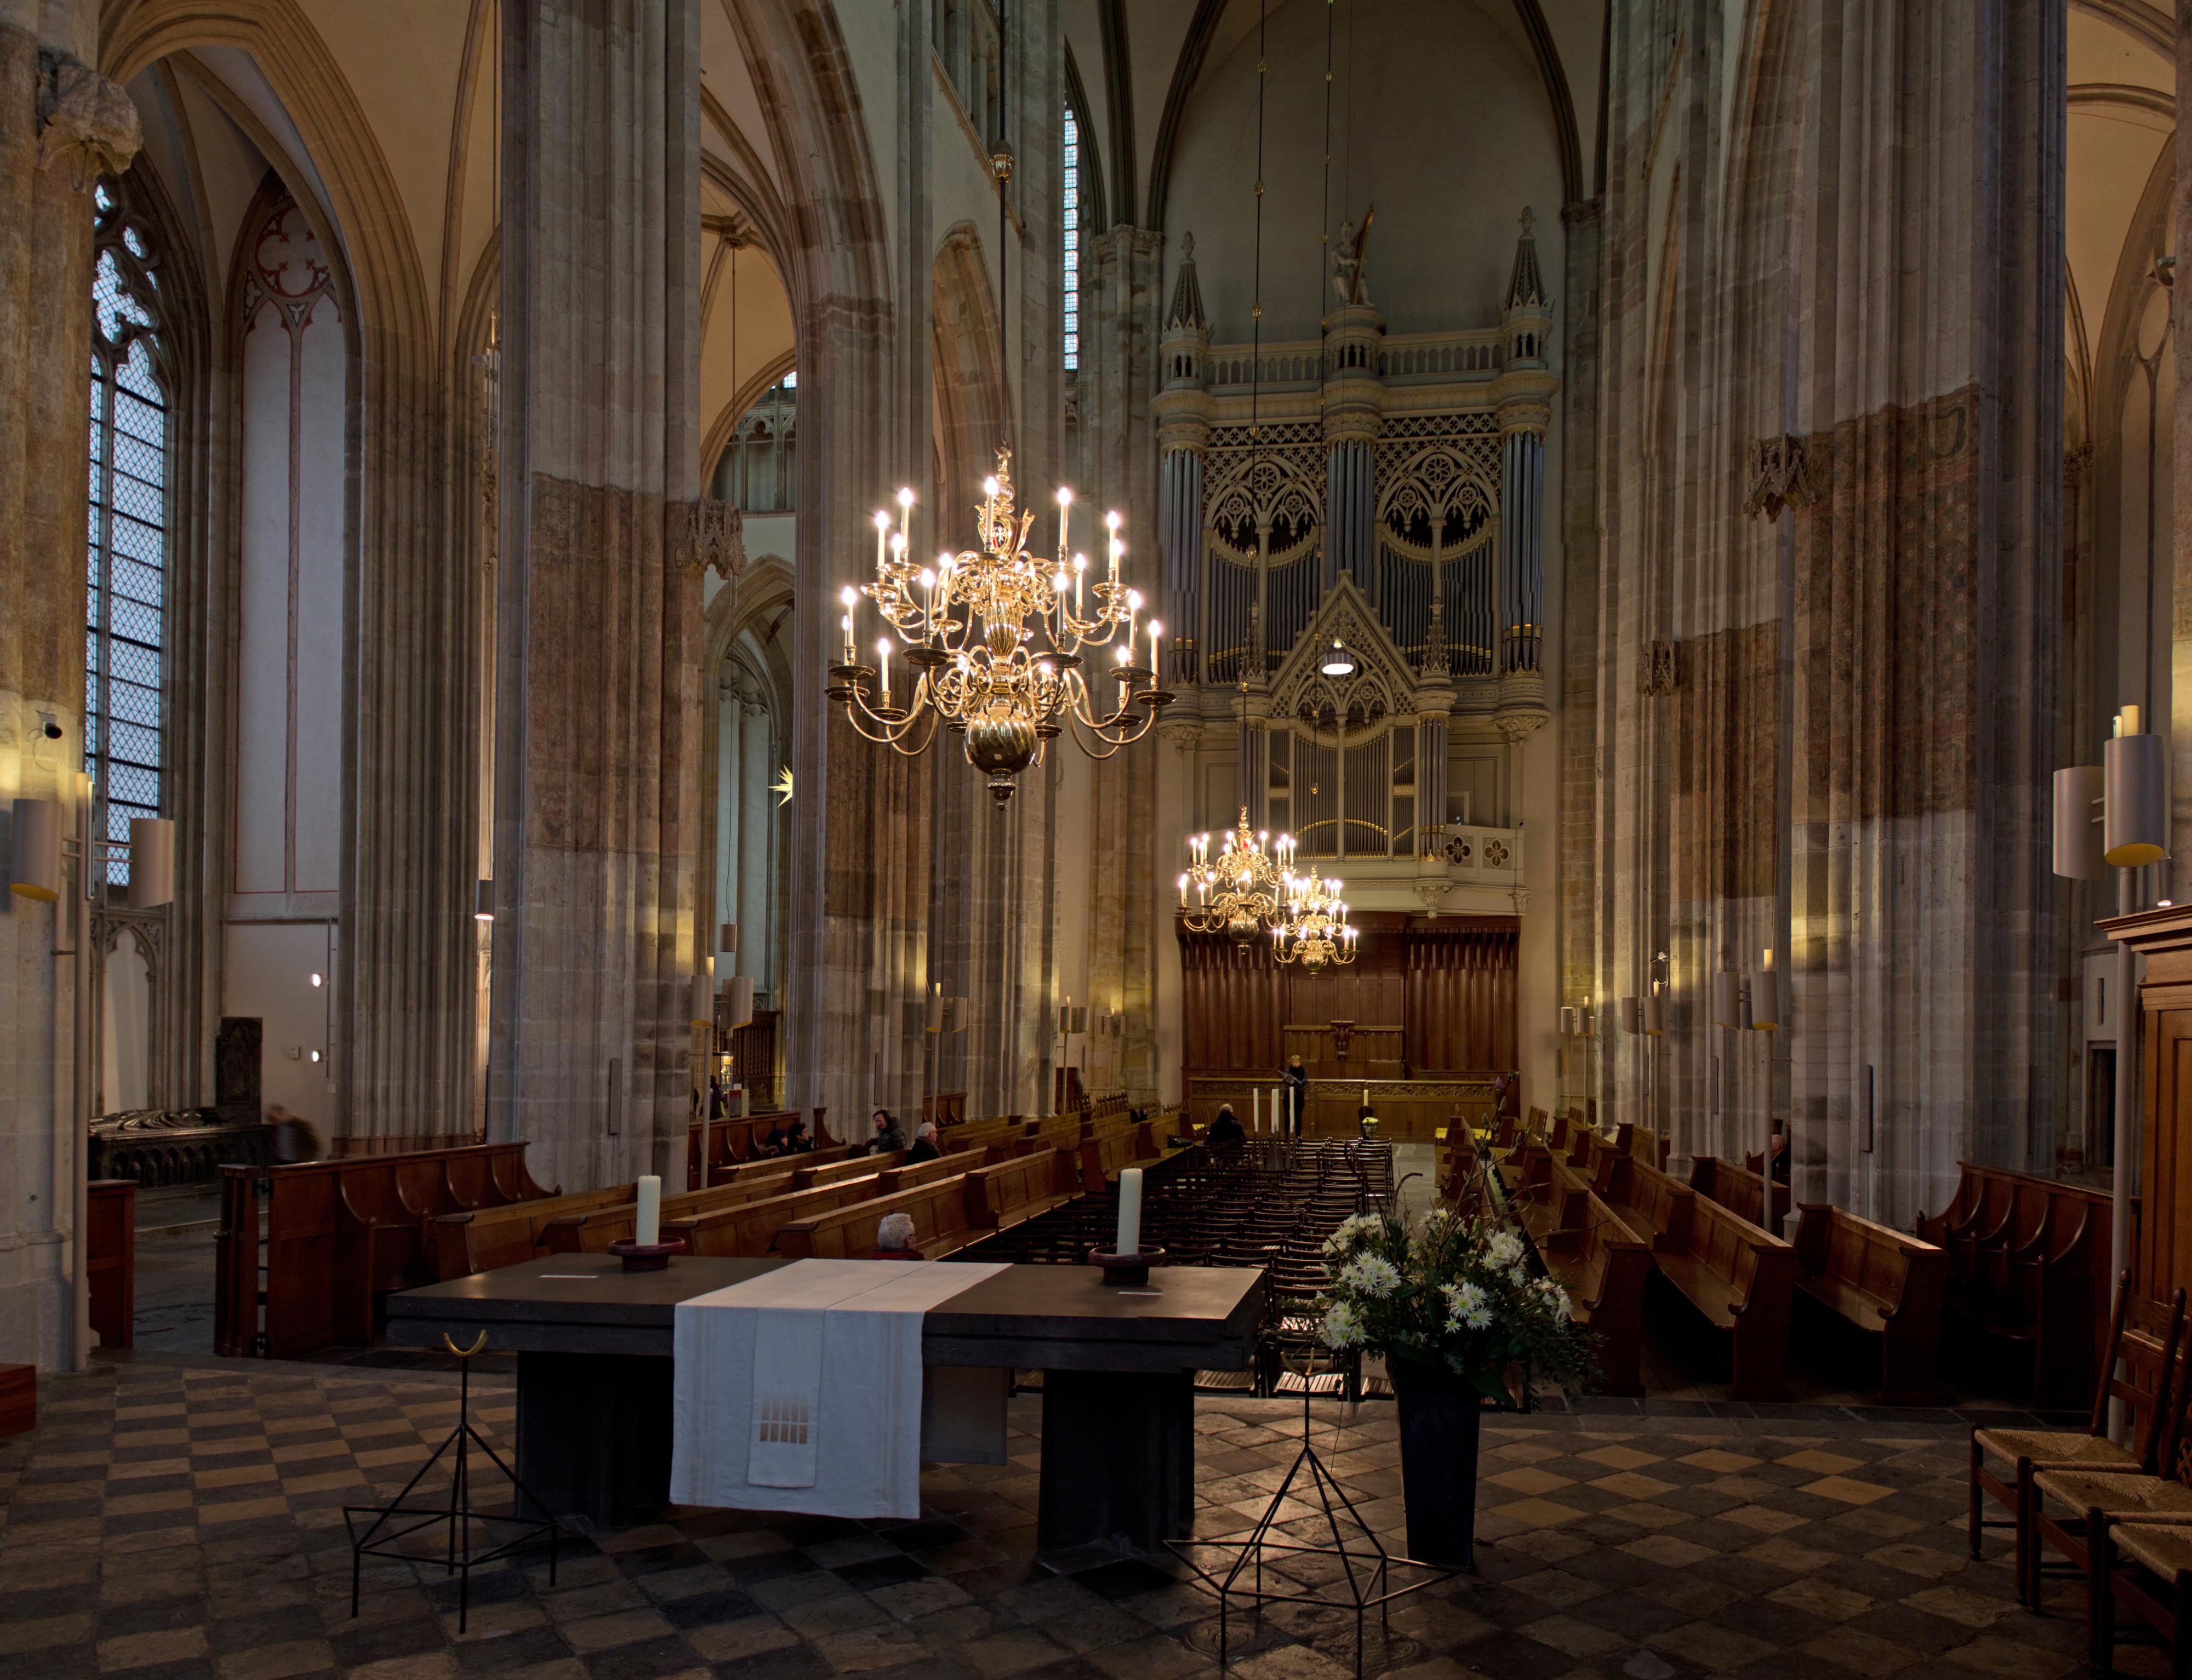 File 35973 domkerk wikimedia commons for Interieur utrecht